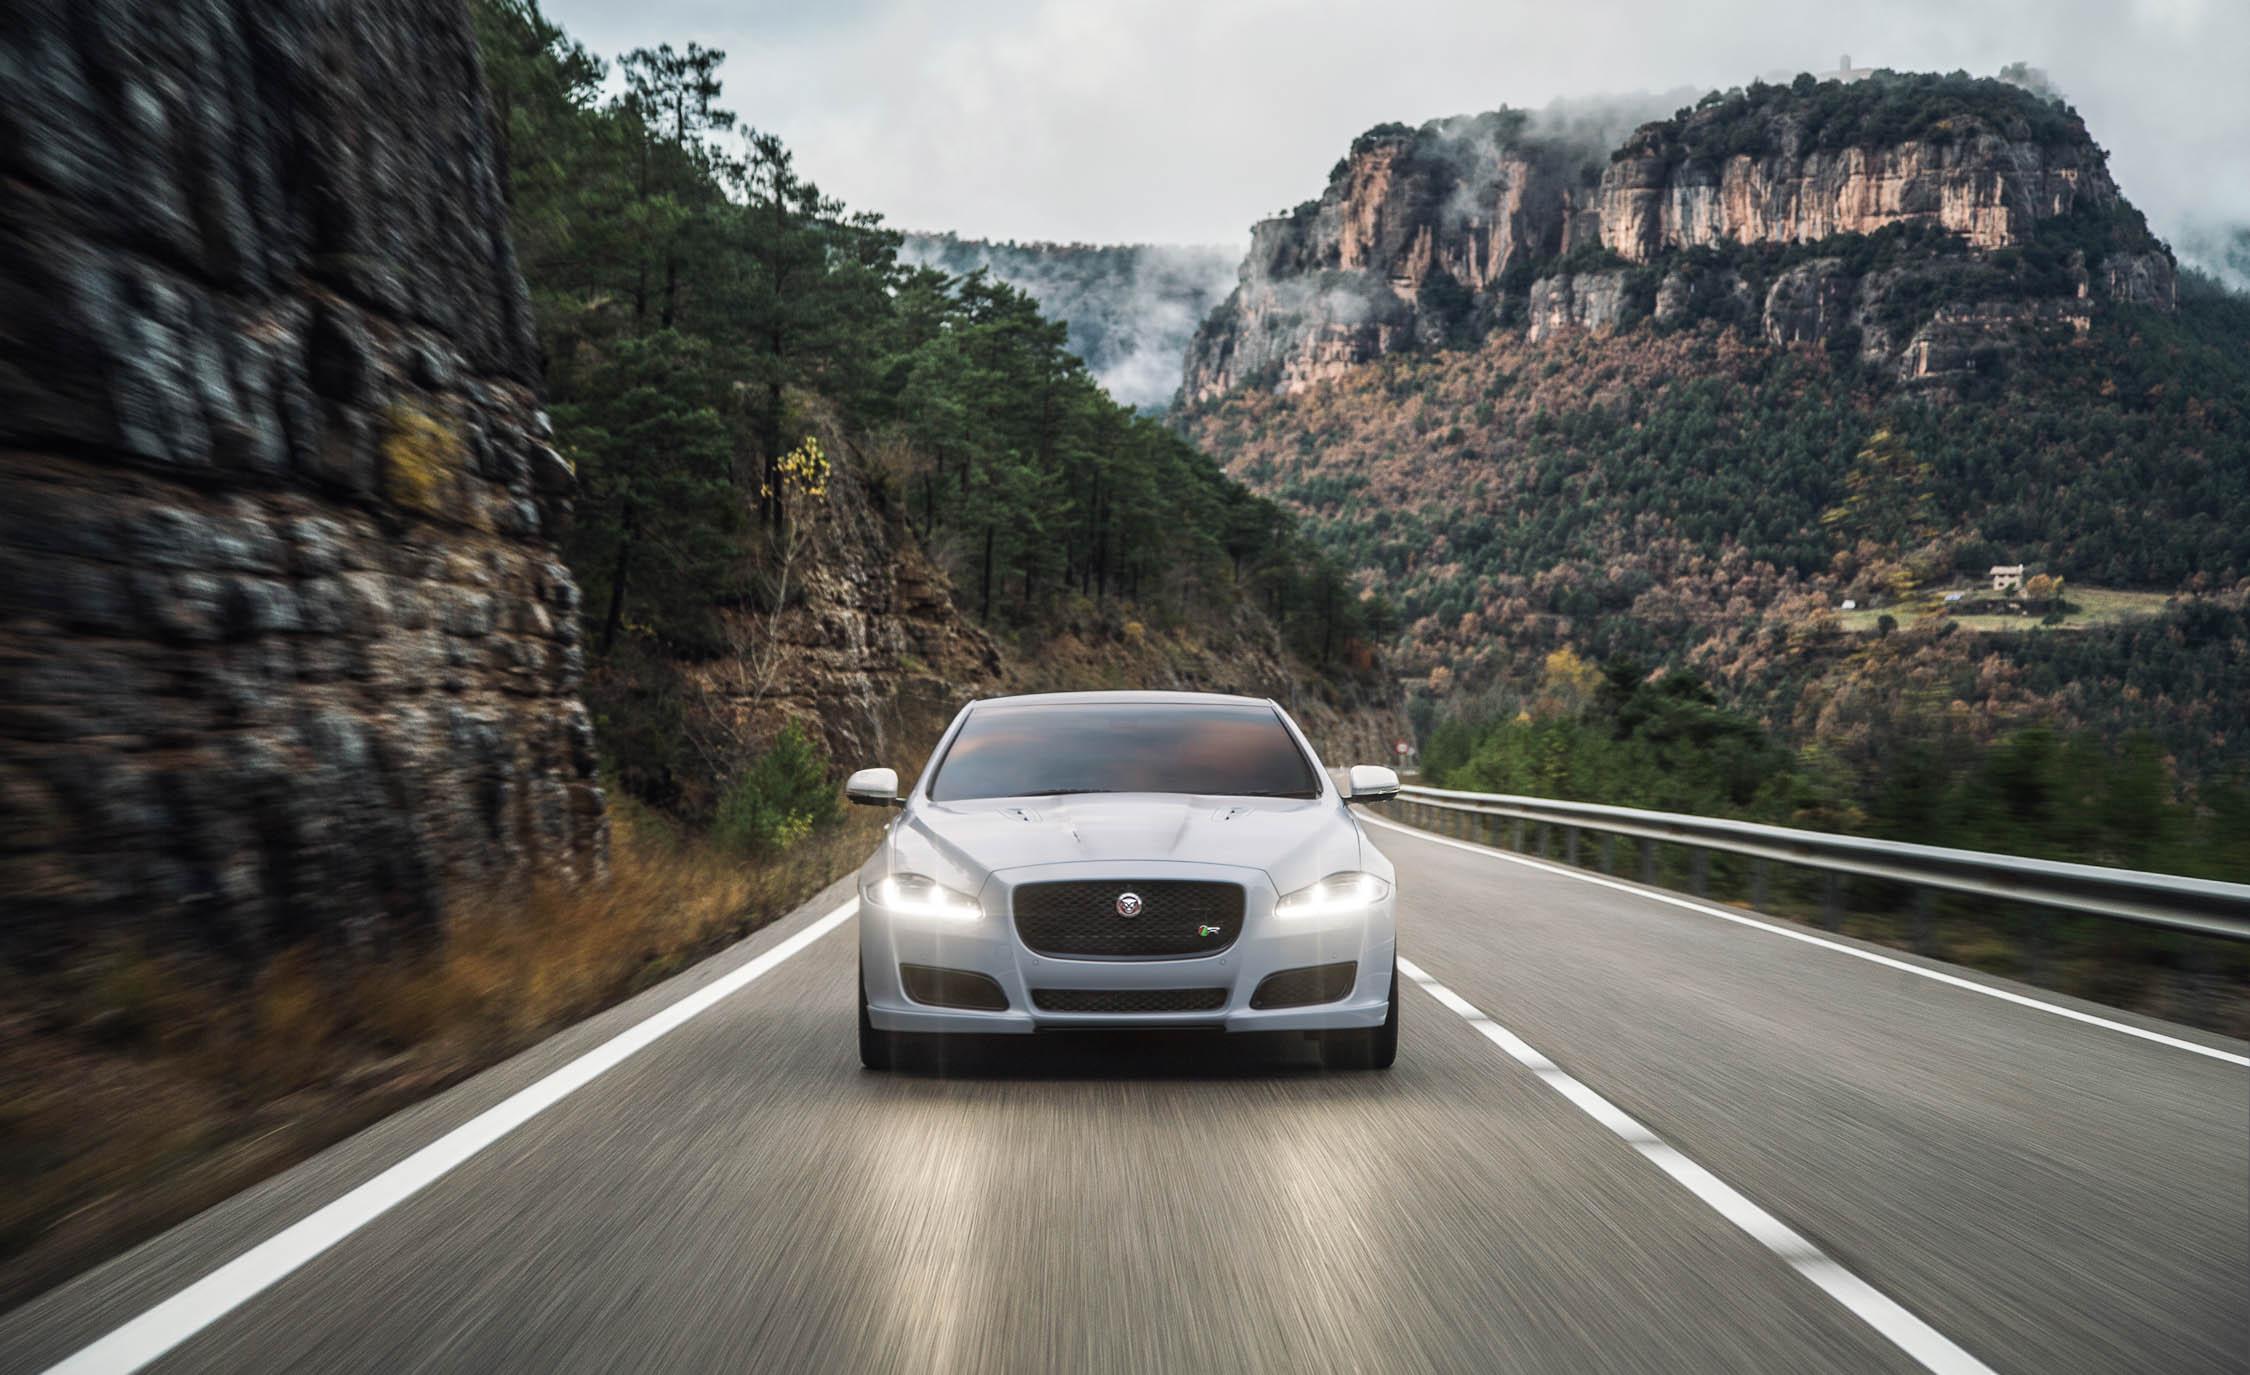 2016 Jaguar XJR Front View